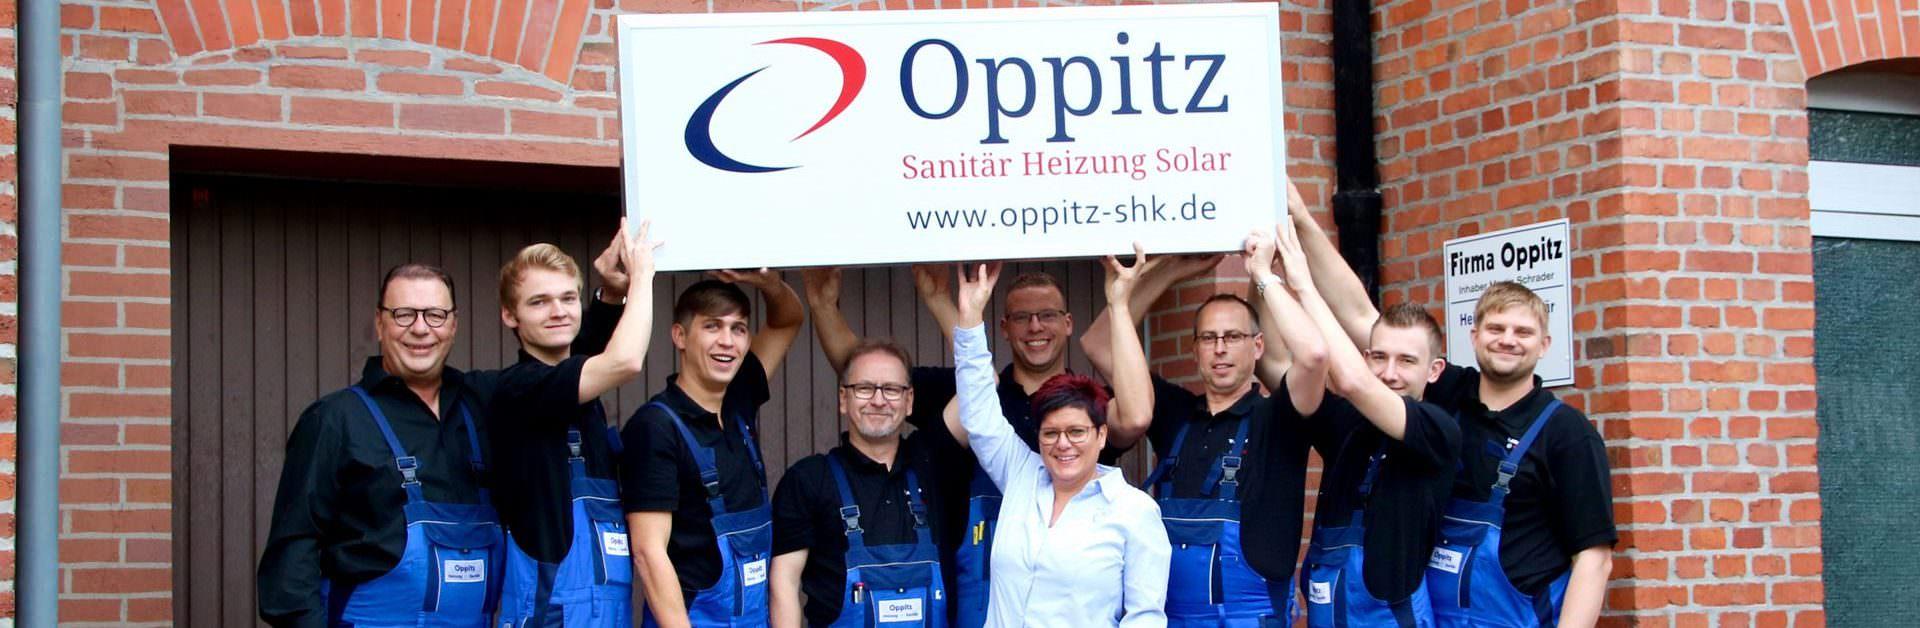 Oppitz Sanitär Heizung Solar